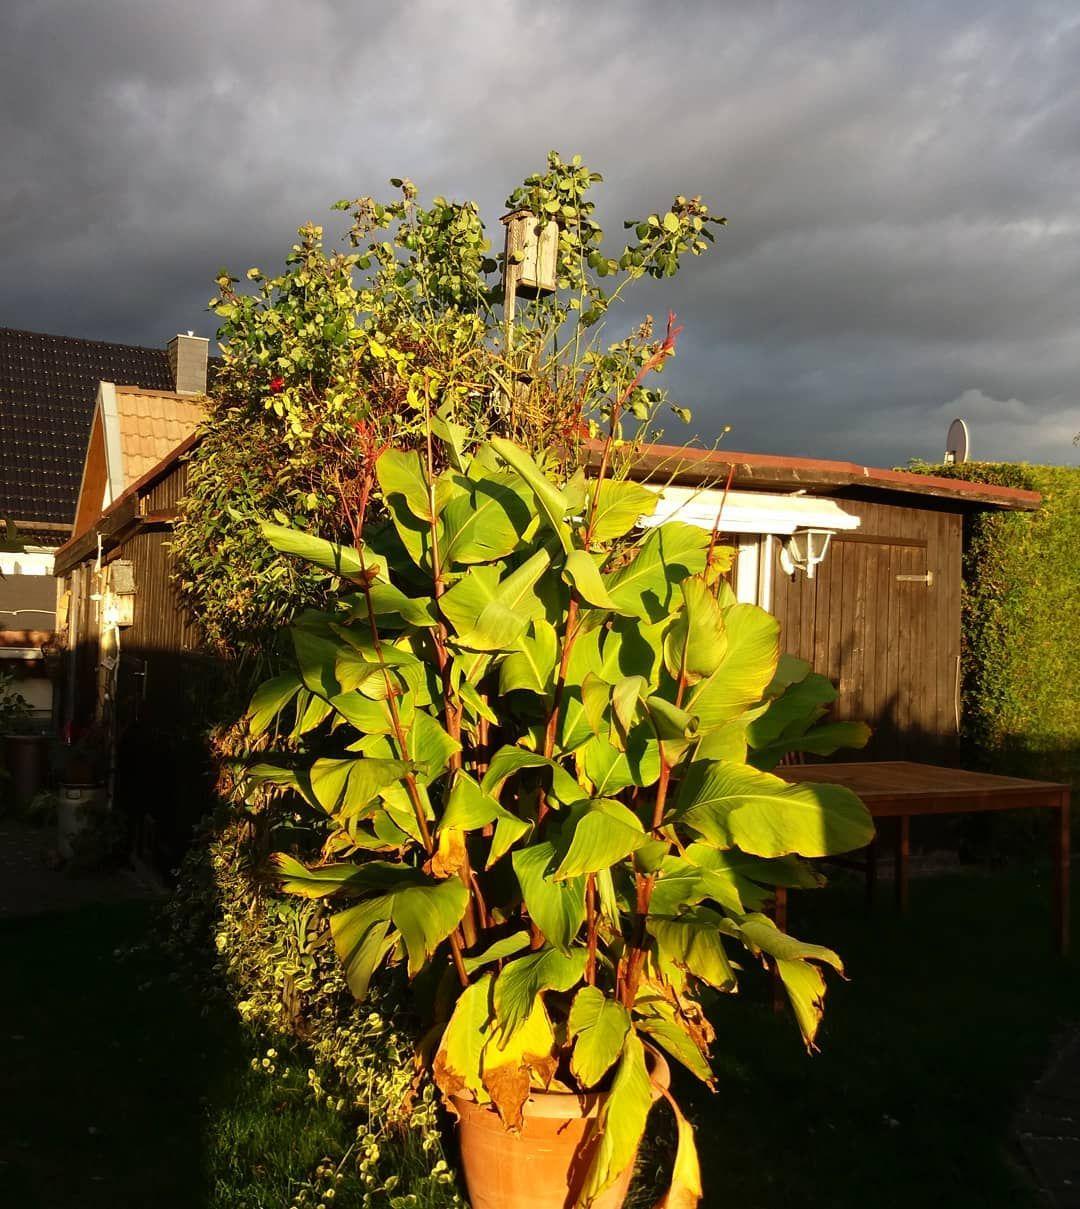 Gruseliges Licht Draussen Das Braucht Keinen Filter Oder Wolken Heute Im Altenburgerland Thuringen Thuringia Nubes Instagram Instagram Posts Garden